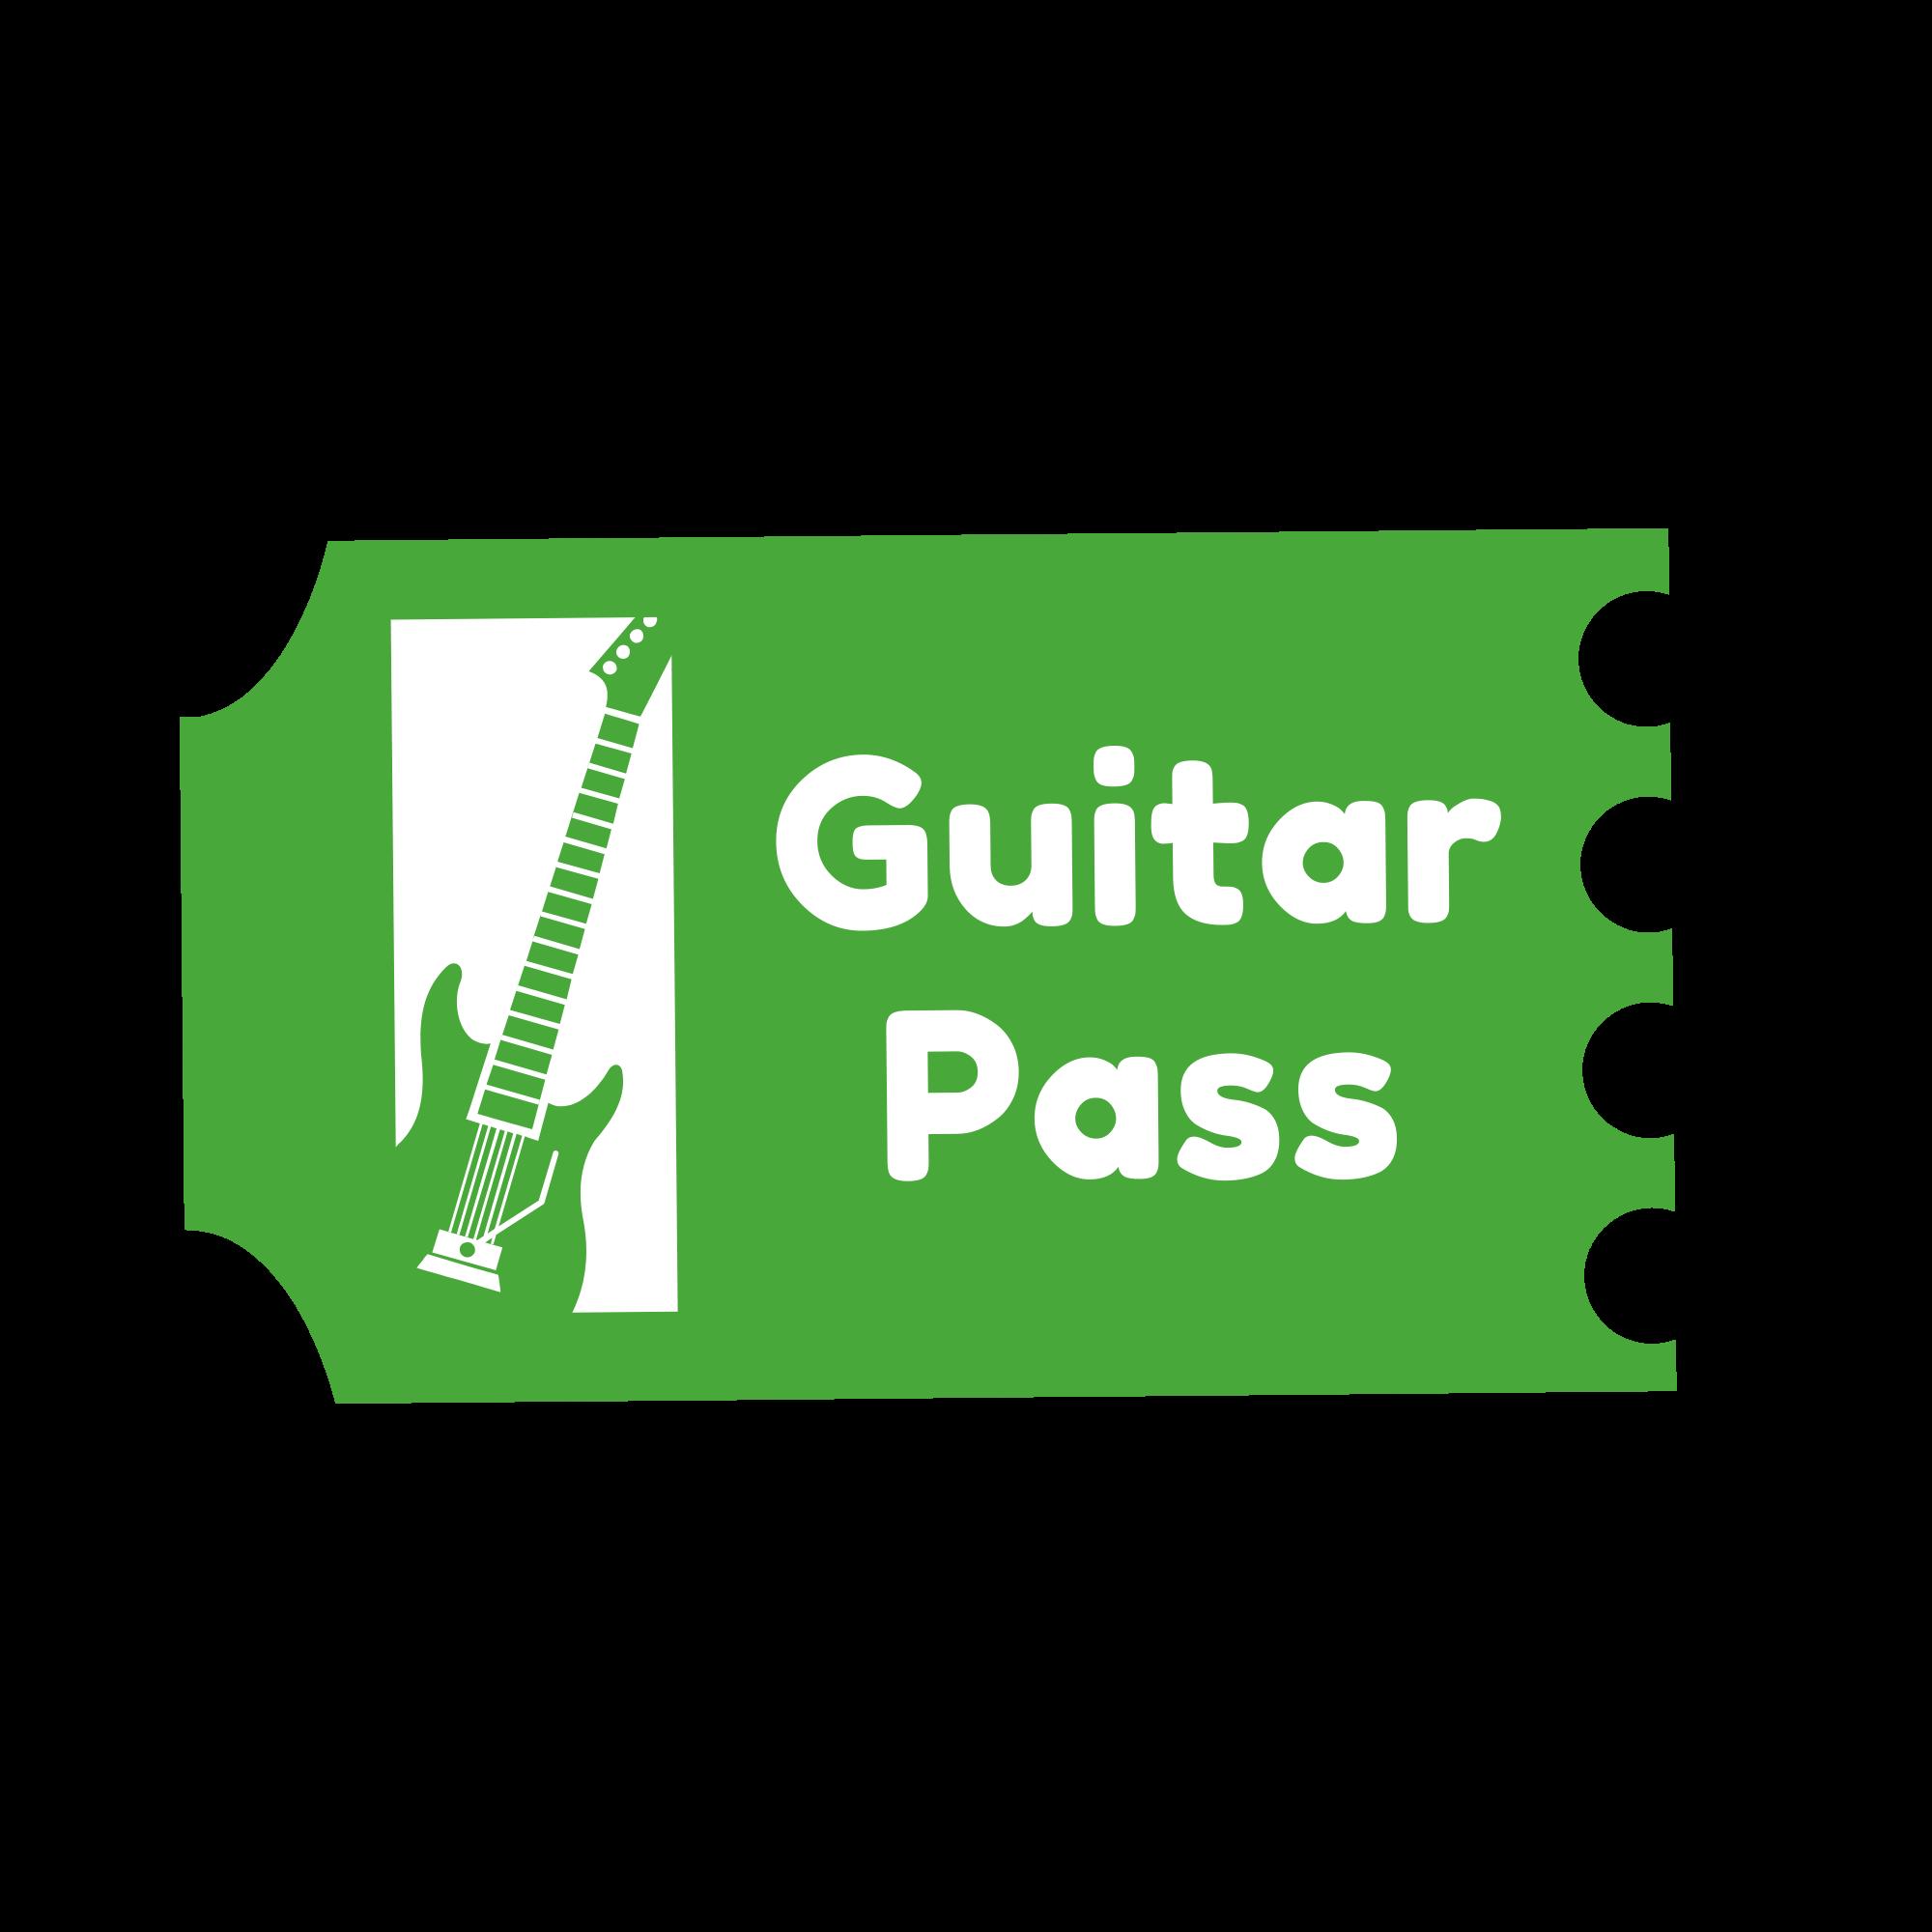 Guitar Pass